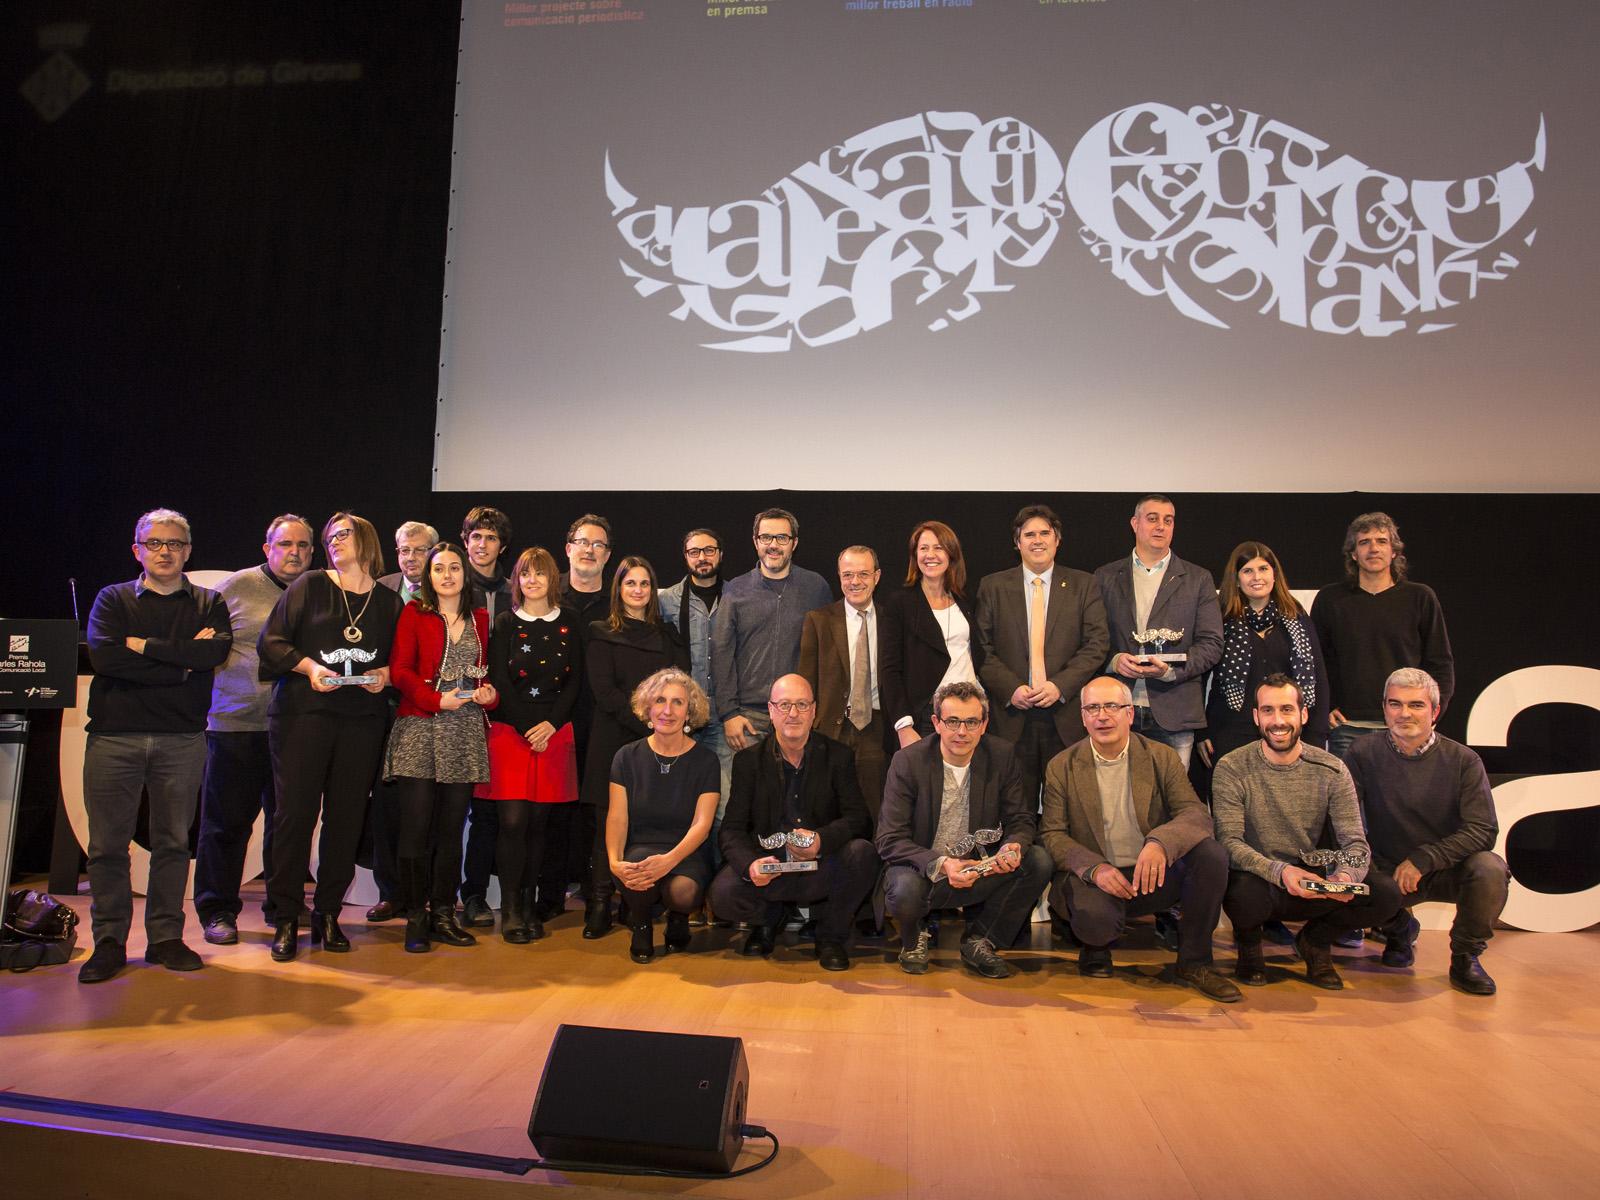 Entrega dels Premis Carles Rahola 2017 a l,Auditori de Girona